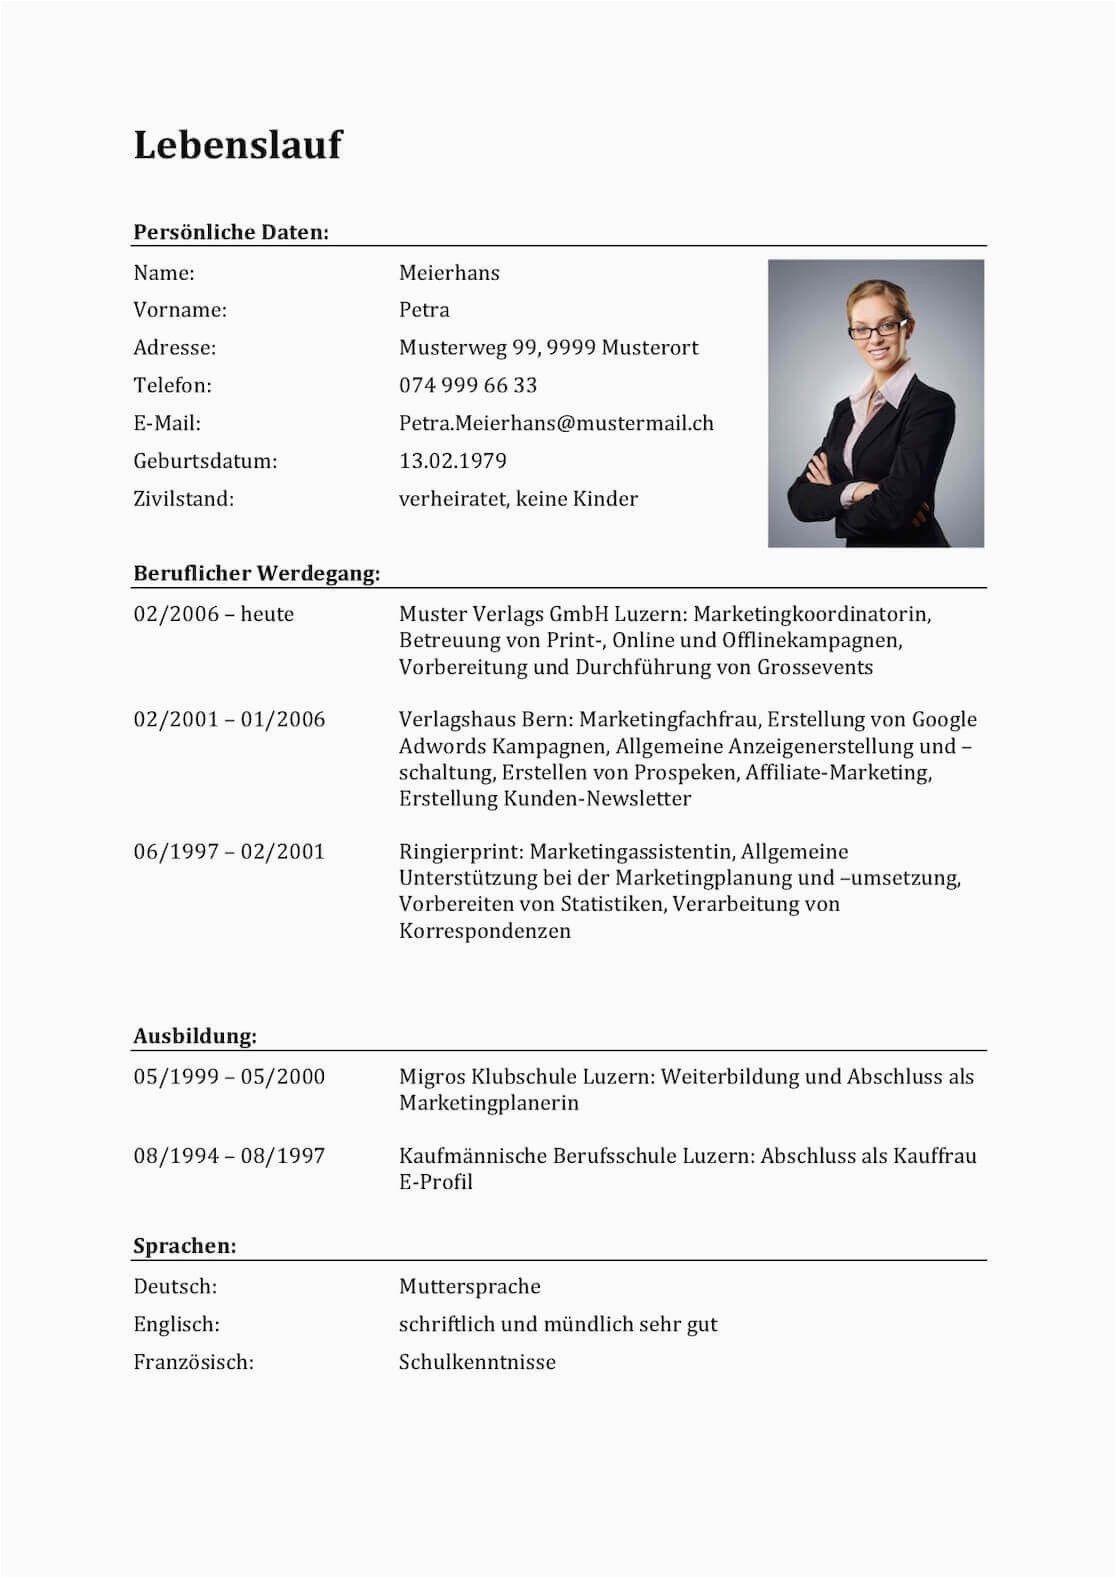 Lebenslauf Vorlagen Schweiz In 2020 Lebenslauf Lebenslauf Vorlagen Word Vorlagen Lebenslauf